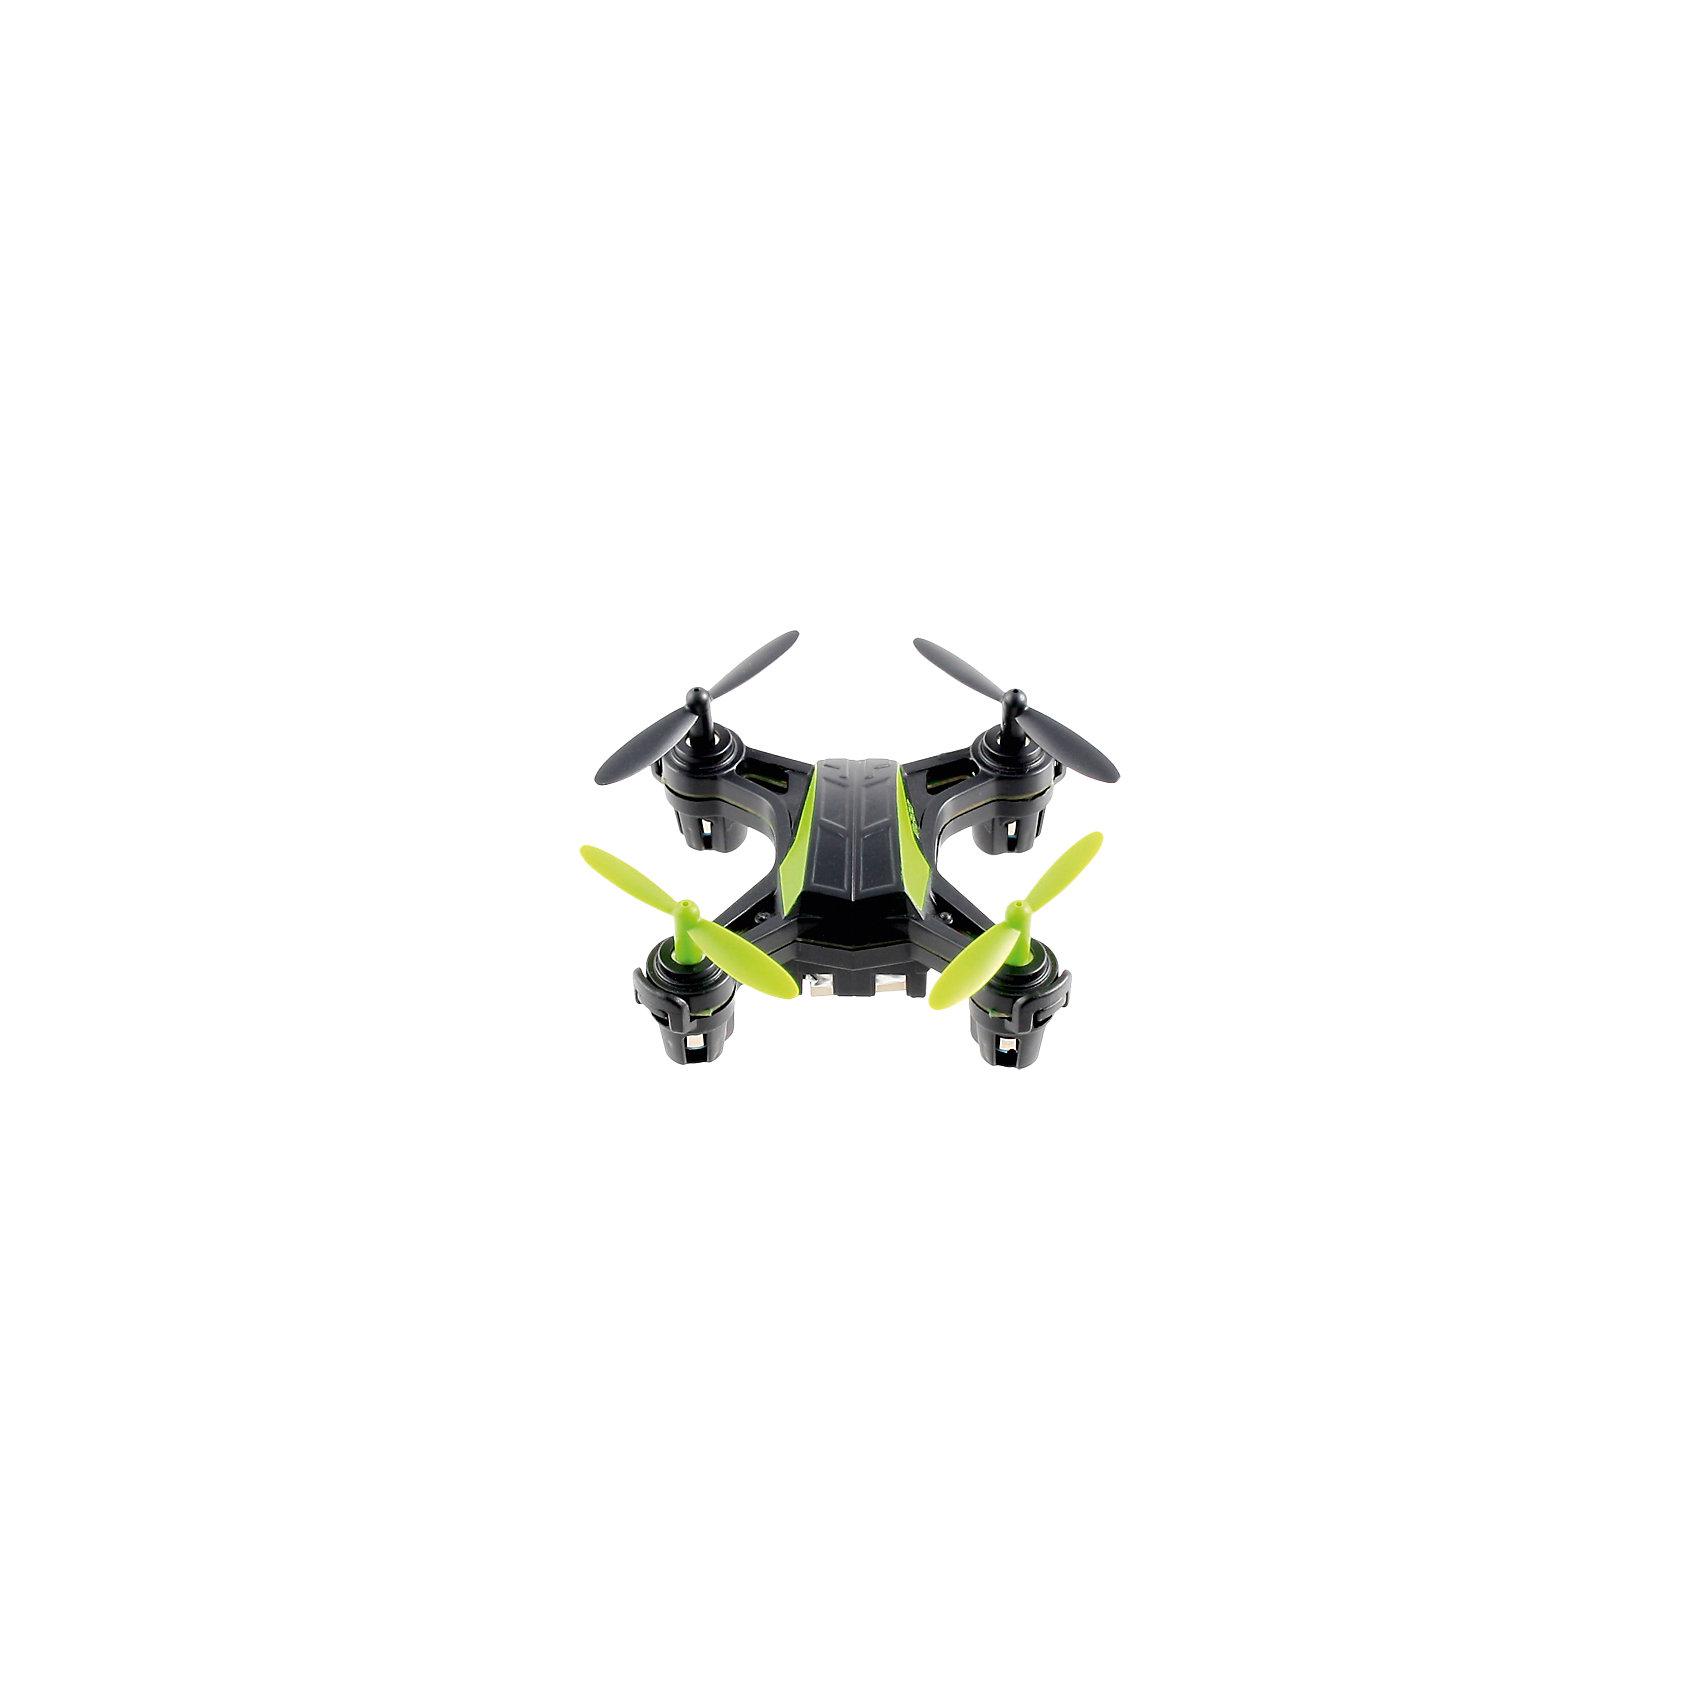 Радиоуправляемый Нано Дрон m200, Sky ViperКвадрокоптер с радиоуправлением НАНО ДРОН m200 - желанный подарок для каждого современного ребенка (и не только). Он отличается компактным размером и небольшой массой, плюс мощный двигатель, за счет этого он становится маневренным и скоростным (есть несколько режимов скорости).<br>Выглядит дрон очень стильно - ударопрочный корпус (технология Duraflex) обеспечивает его сохранность.  Квадрокоптер может двигаться летать во всех направлениях: горизонтально, вертикально, вращаться по часовой стрелке и против, может даже совершать фигуры высшего пилотажа (Бочка и Флип). В дроне есть гироскоп, делающий полет стабильным, а также дающий возможность держать квадрокоптер в подвешенном состоянии. Есть система, регулирующая помехи. Может летать на улице или в помещении.<br><br>Дополнительная информация:<br><br>материал: металл, пластик;<br>управление: пульт ДУ  на батарейках 3хААА 1.5В, не входят в комплект;<br>направления: вверх/вниз, влево/вправо, вперед/назад, вращение по/против часовой стрелки;<br>частота: 2,4 ГГц;<br>количество каналов: 9.<br>гироскоп/акселерометр: 6-ти осевой;<br>дальность управления: ~ 60 м;<br>время полета: 10-15 минут;<br>время зарядки: 30 минут;<br>аккумулятор: 3.7В 100 мАч Li-Po;<br>два режима;<br>фигуры: Бочка, Флип;<br>размер: 6х6х2,2 см;<br>корпус 5х5х1,8 см;<br>комплектация: дрон, пульт, комплект запасных лопастей (4 шт), инструкция, кабель USB для зарядки.<br><br>Радиоуправляемый Нано Дрон m200 от бренда Sky Viper можно купить в нашем магазине.<br><br>Ширина мм: 202<br>Глубина мм: 60<br>Высота мм: 252<br>Вес г: 234<br>Возраст от месяцев: 144<br>Возраст до месяцев: 1188<br>Пол: Унисекс<br>Возраст: Детский<br>SKU: 4870258